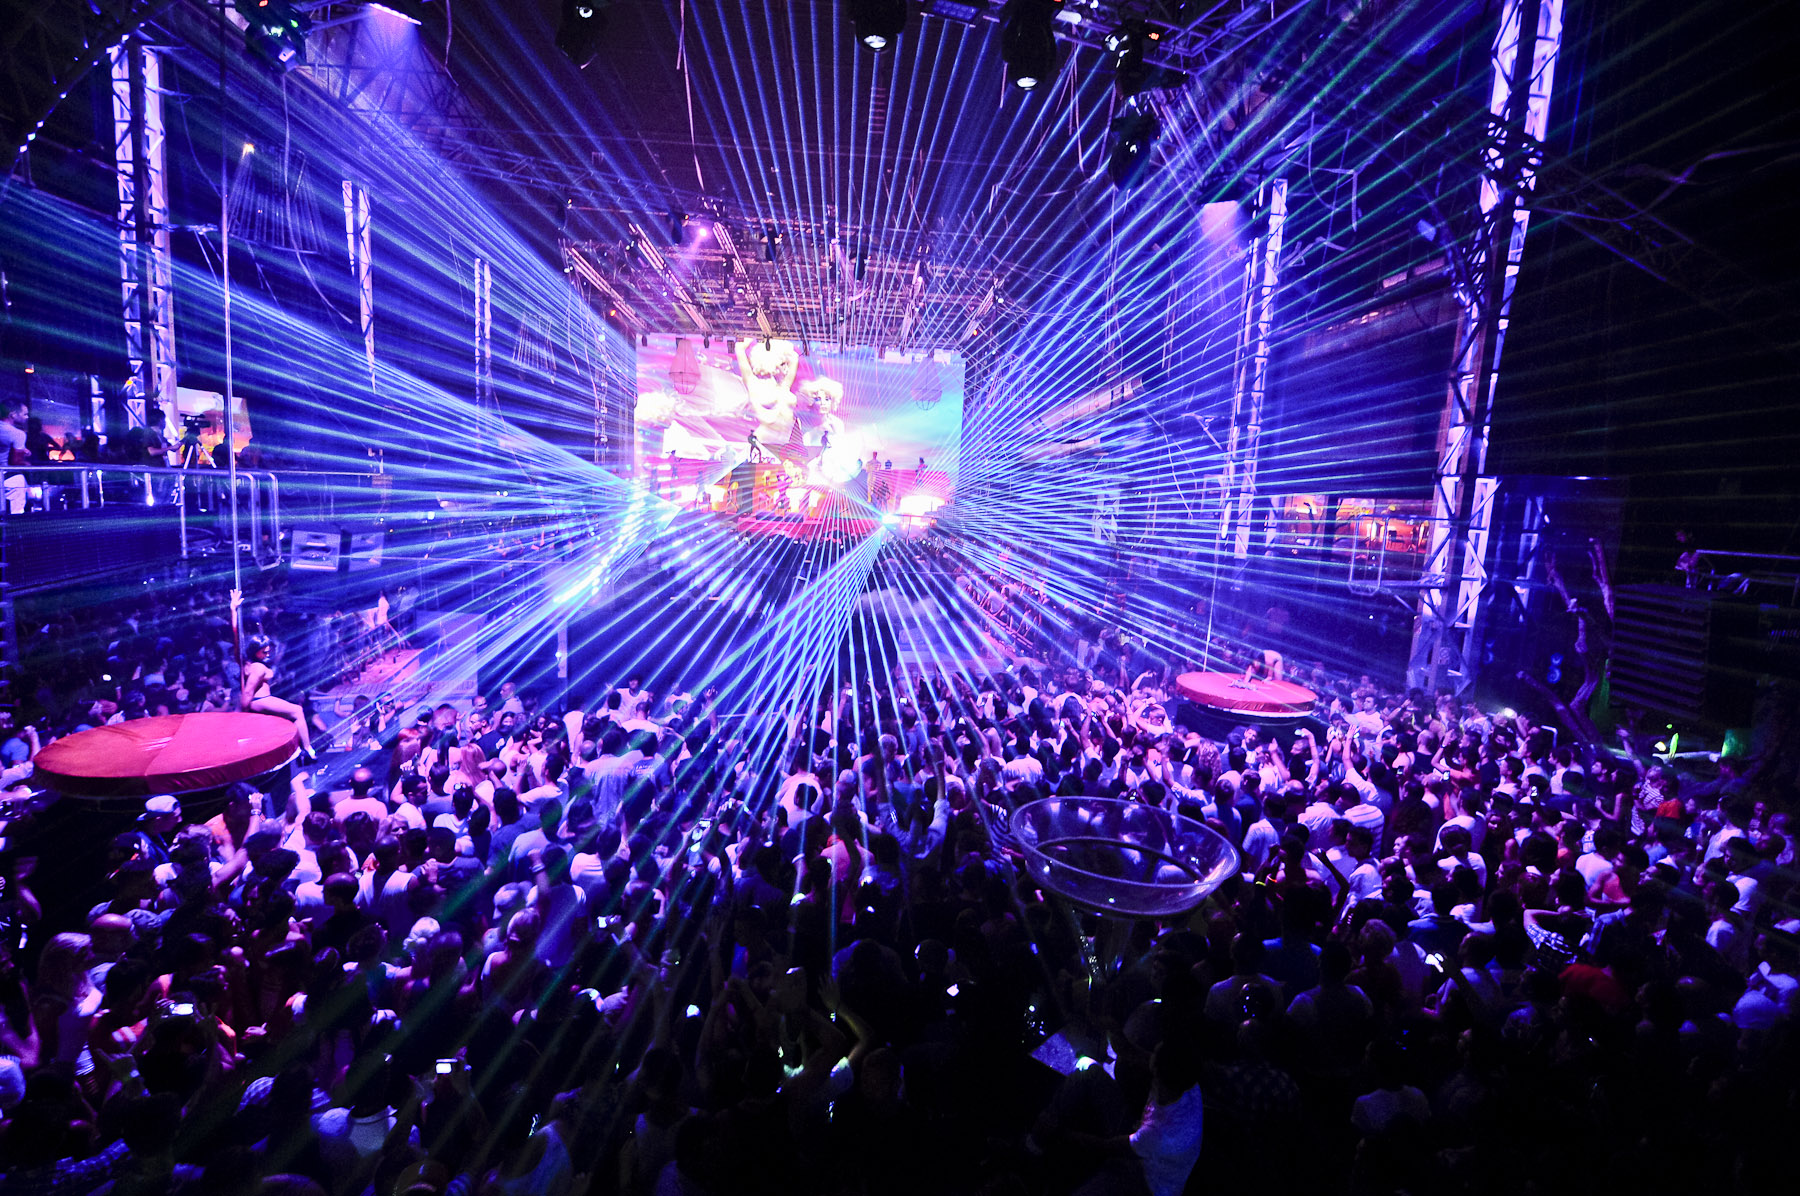 этого лучшие вечеринки в клубах в мире видео охреневаю